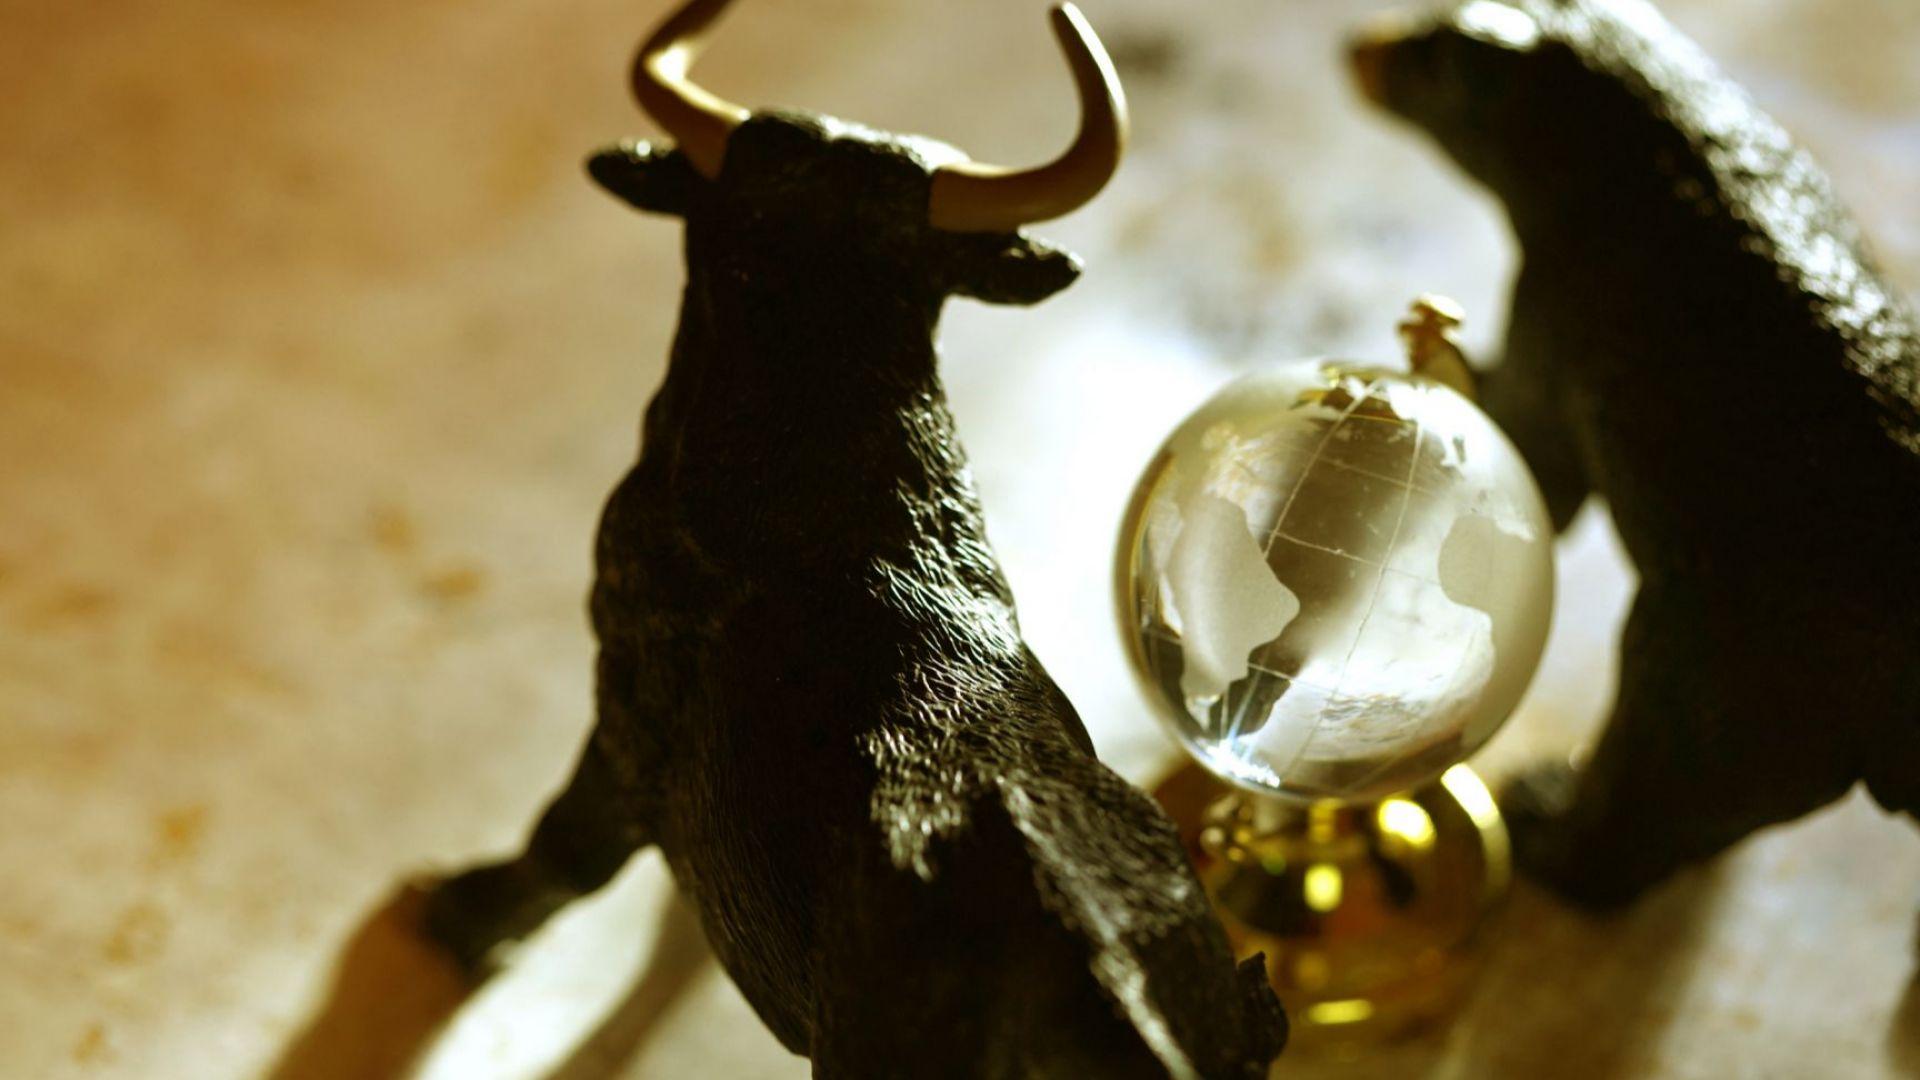 Защитени ли са достатъчно инвеститорите на финансовите пазари?